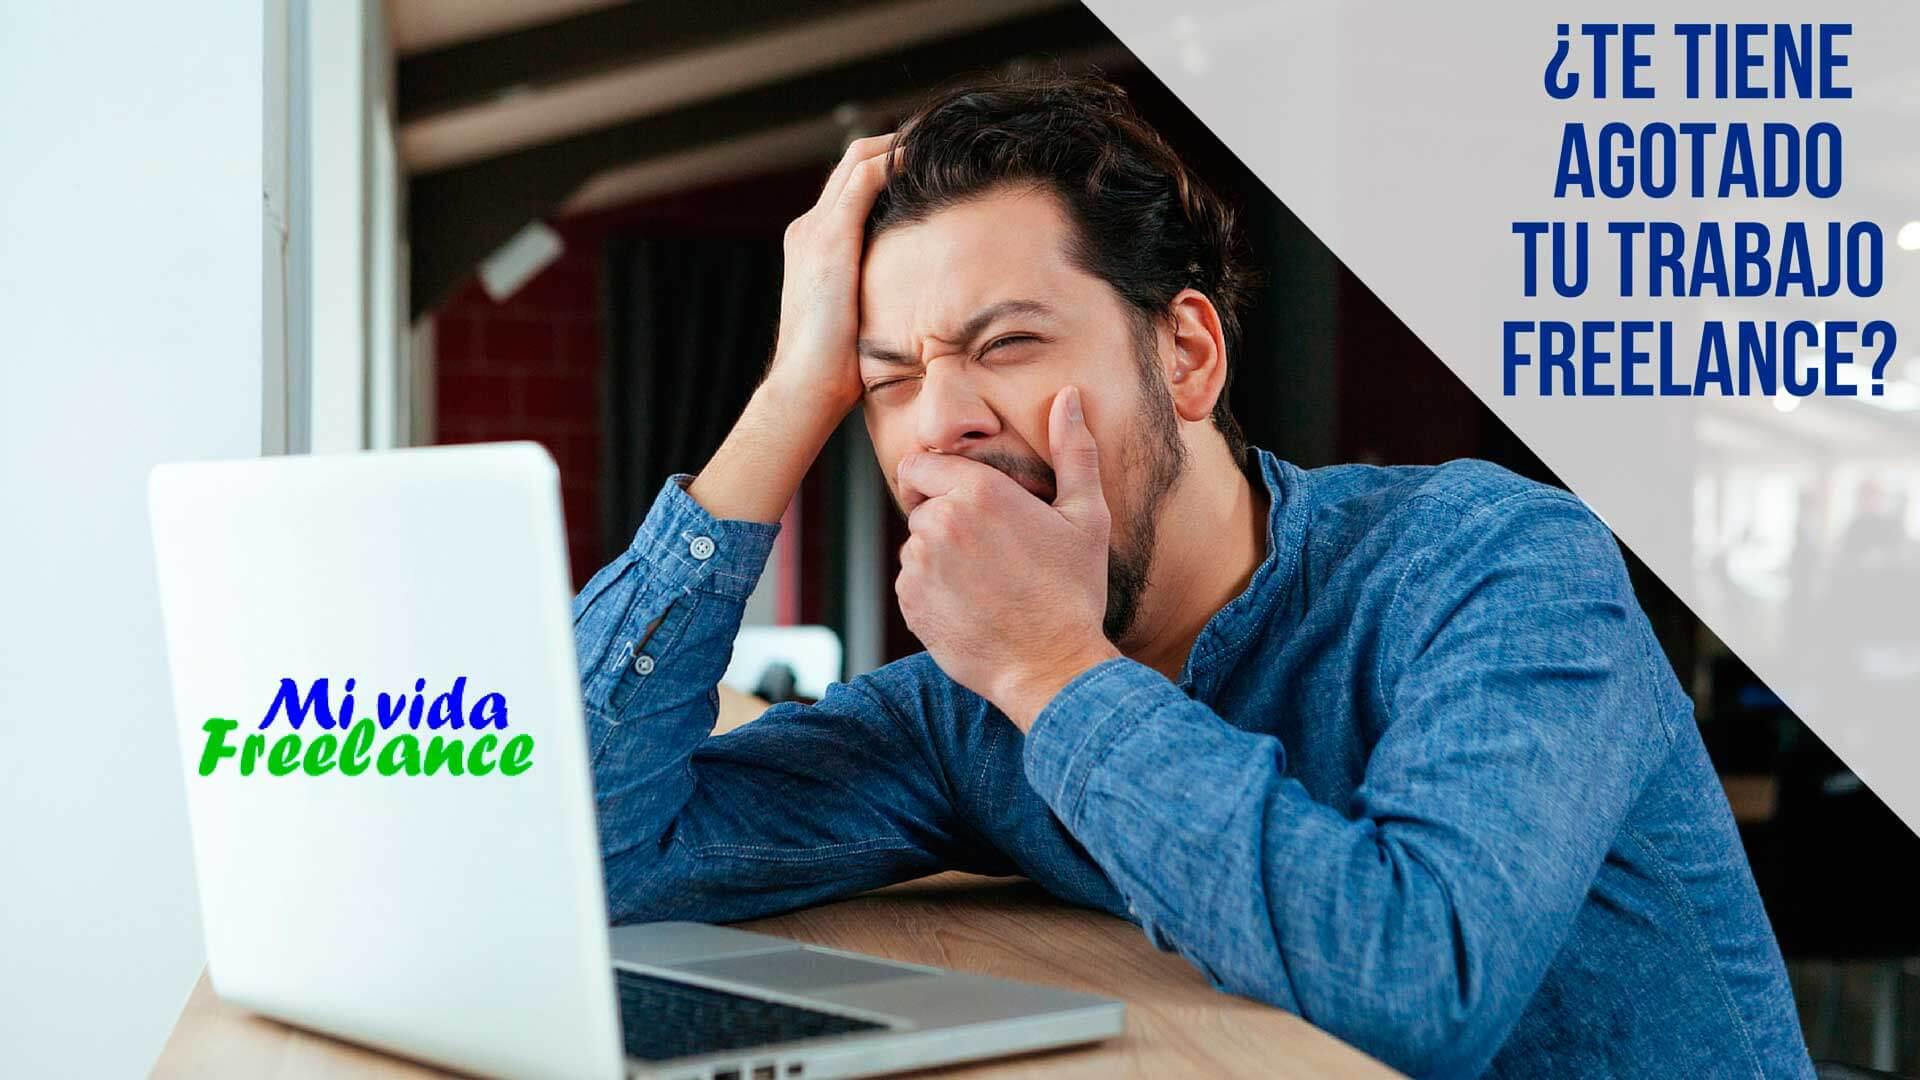 ¿El trabajo freelance te tiene agotado? Recupera tu energía con estos consejos